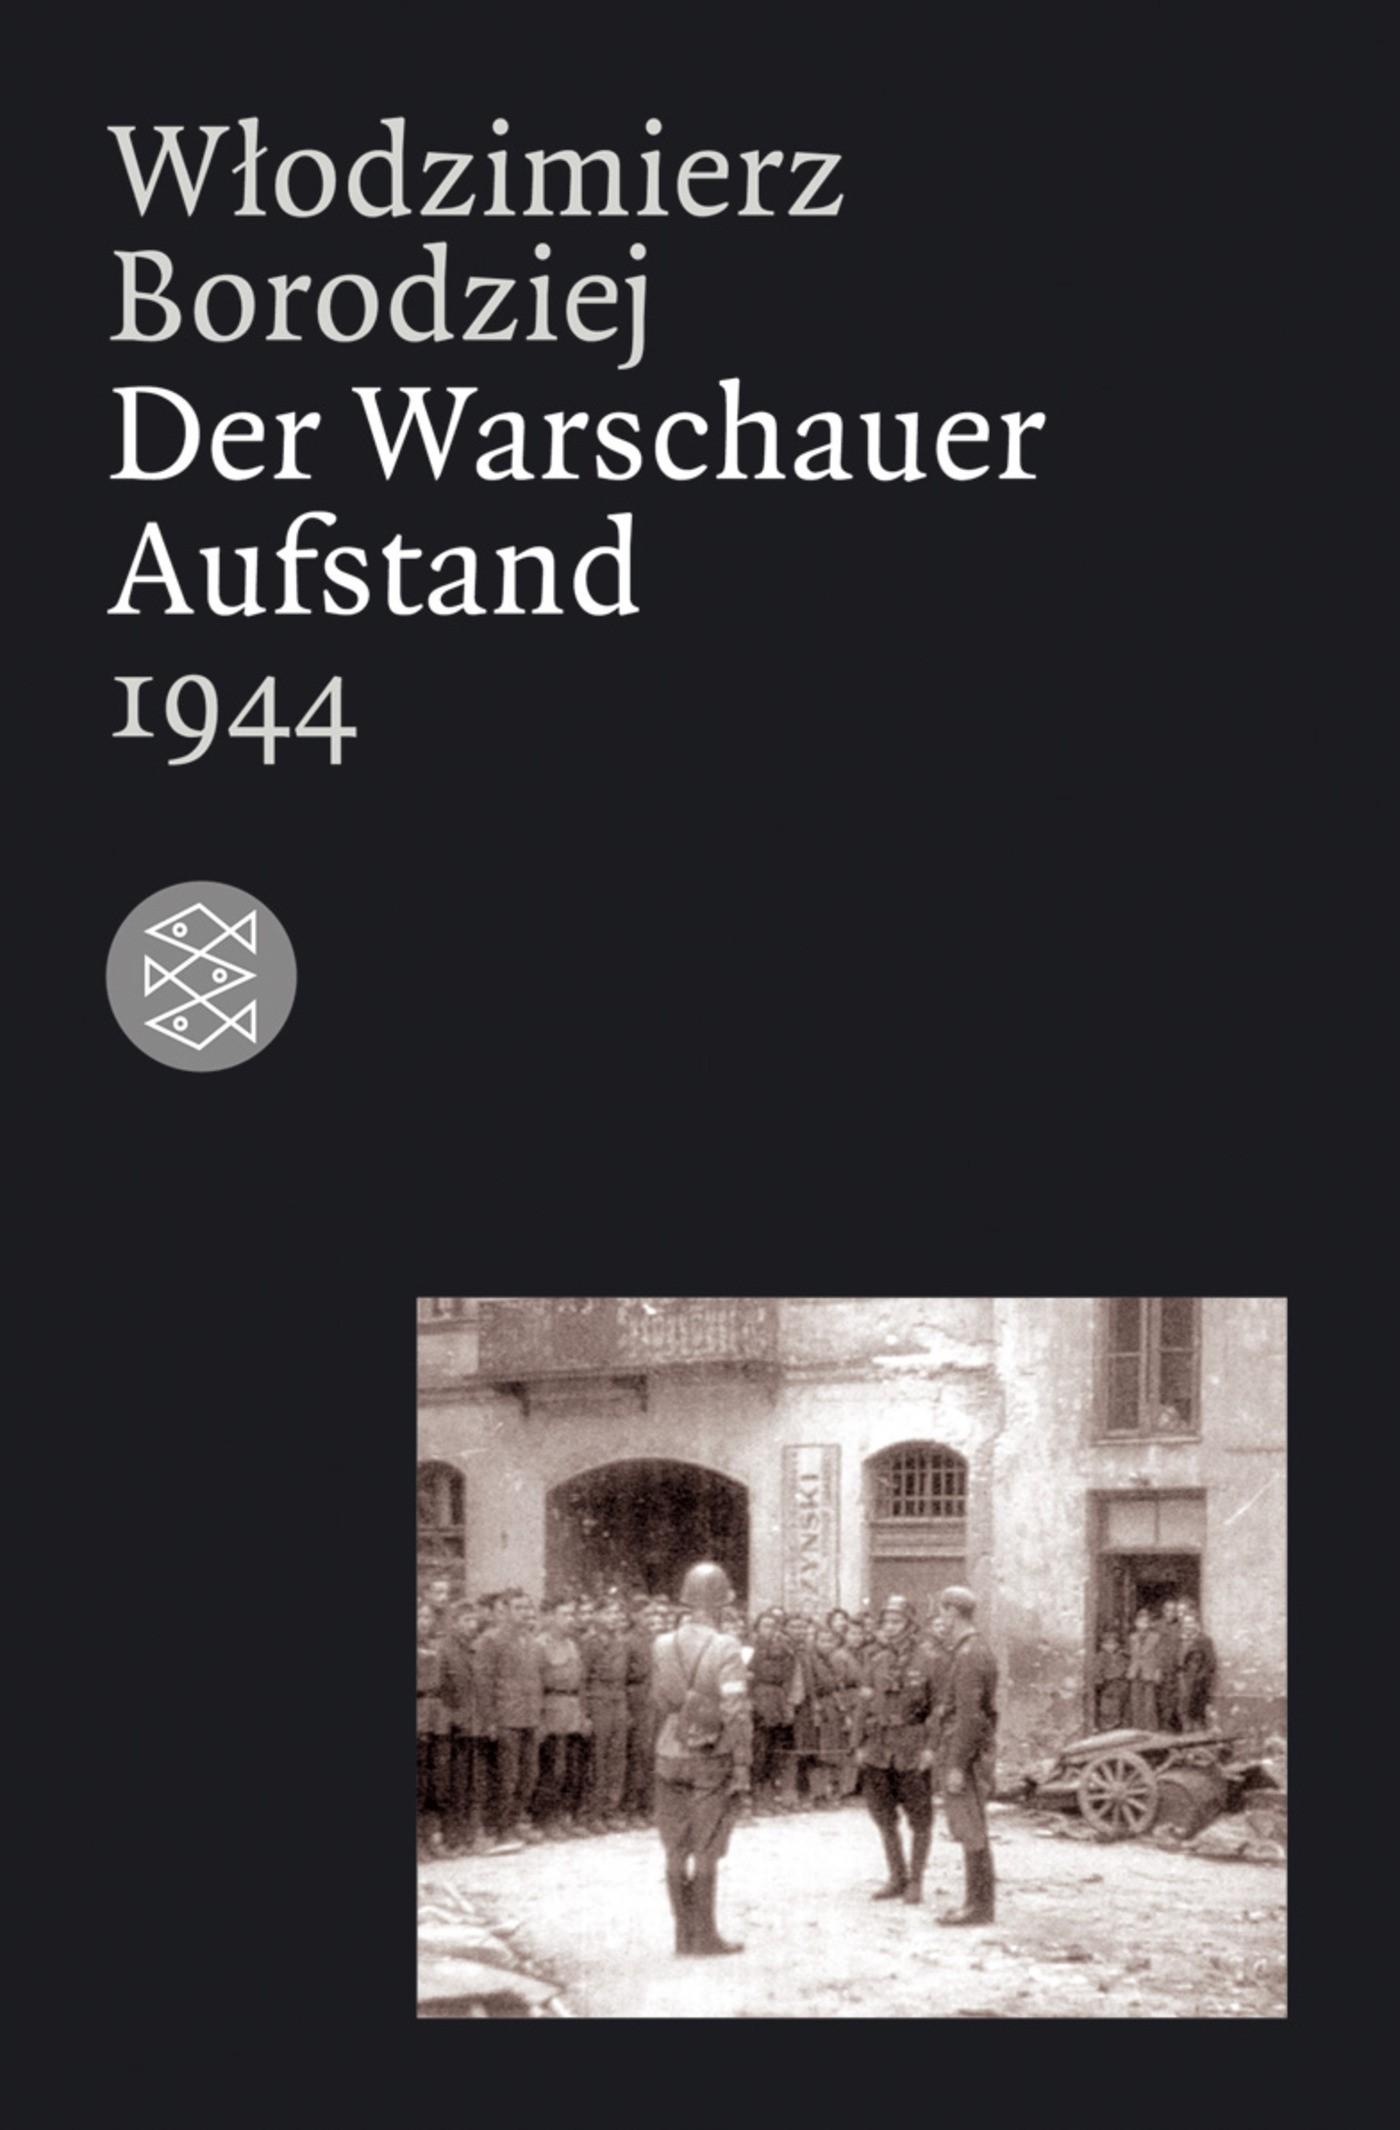 Der Warschauer Aufstand 1944 | Borodziej, 2004 | Buch (Cover)